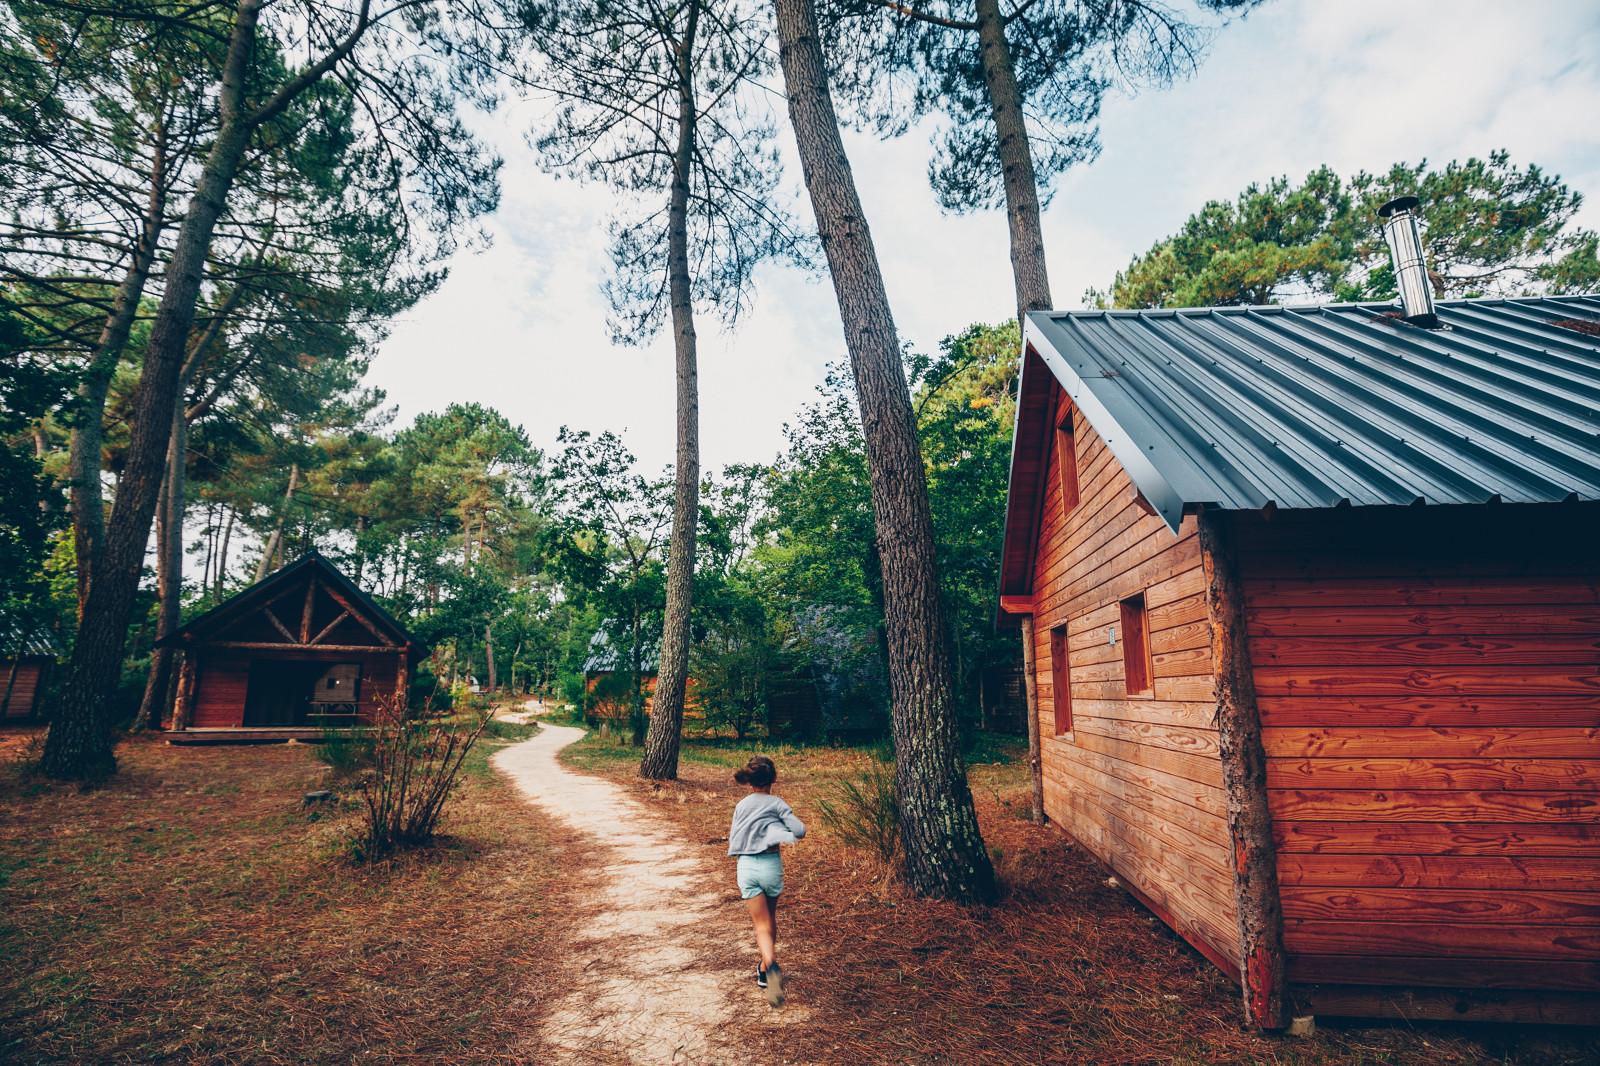 Camping Huttopia Rillé, Rillé, Indre-et-Loire